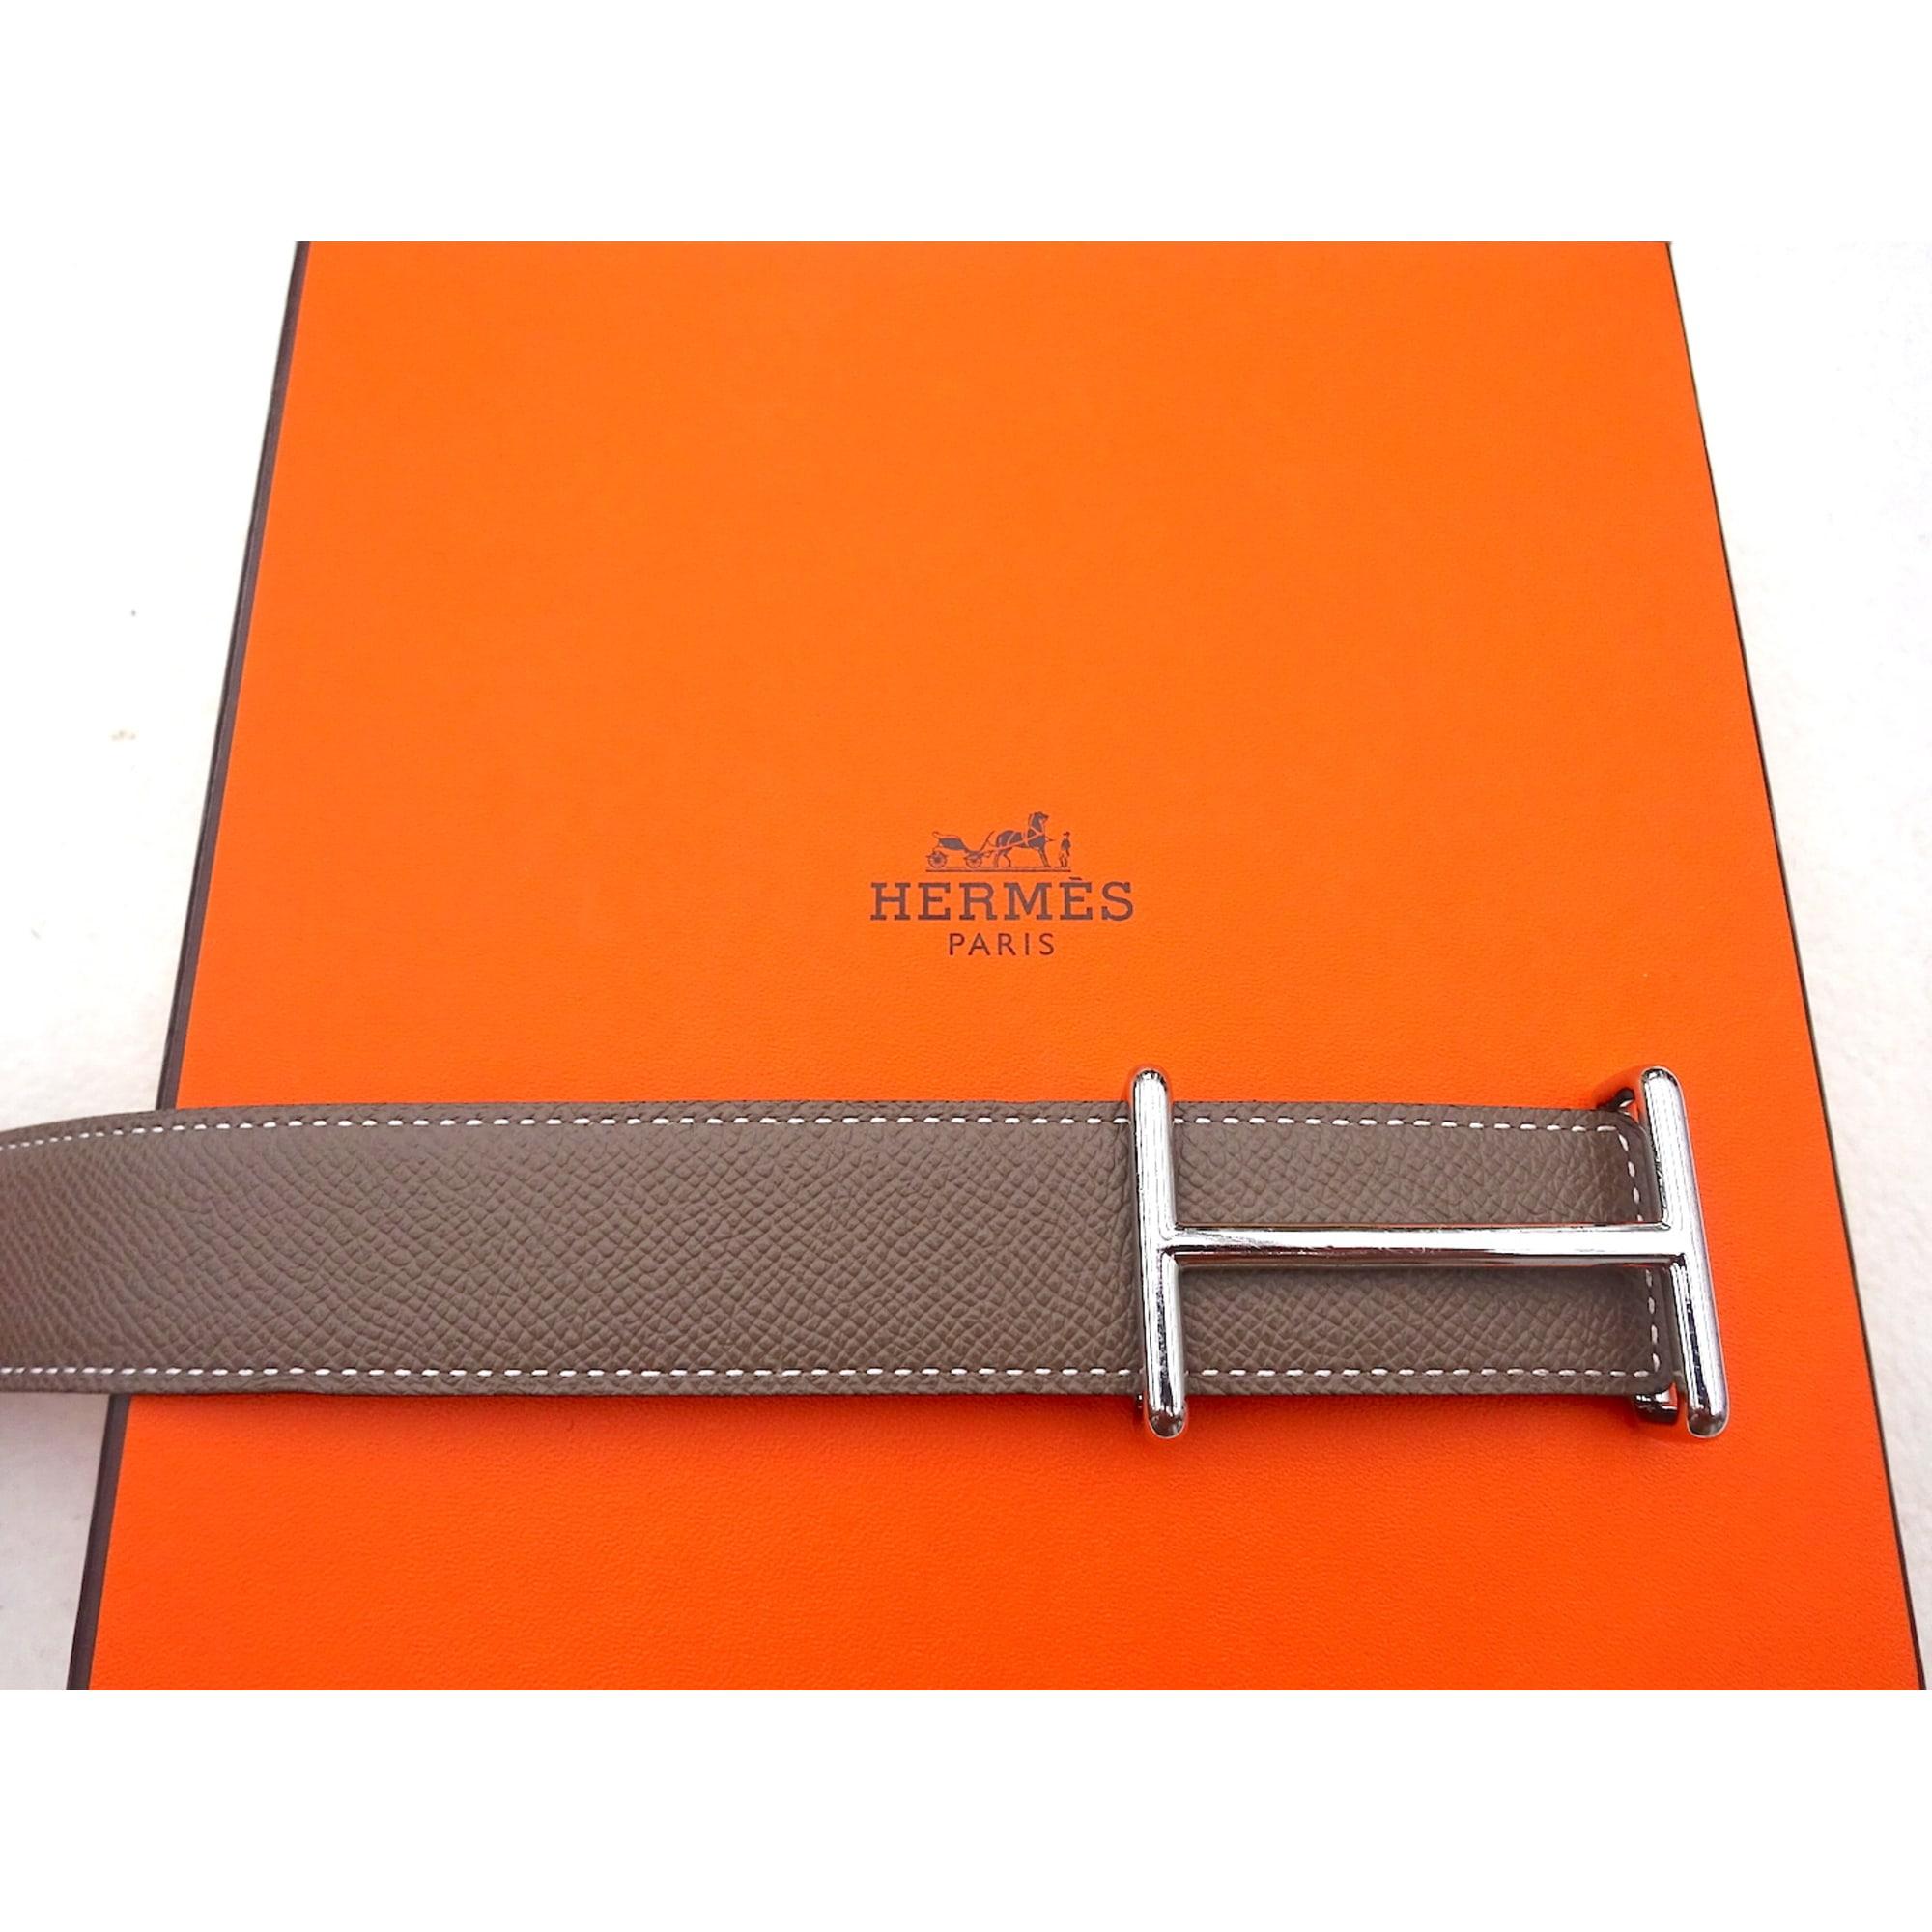 hermes cintura  Cintura HERMÈS 90 beige vendu par M.® - 3755920